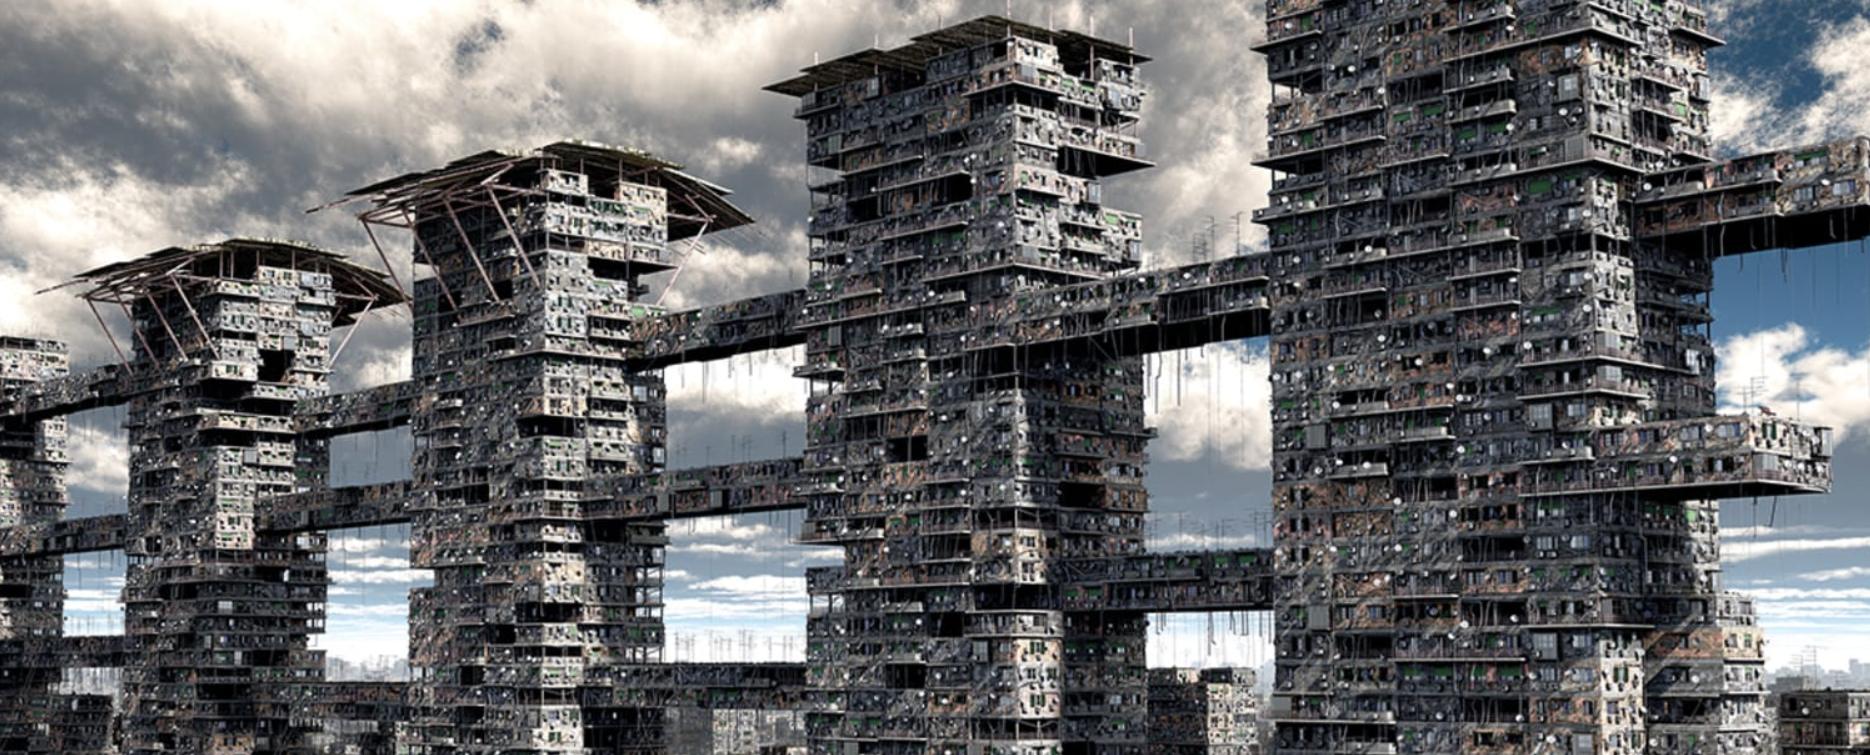 2 ciudades inteligentes en el futuro: cómo serán las ciudades del futuro 3